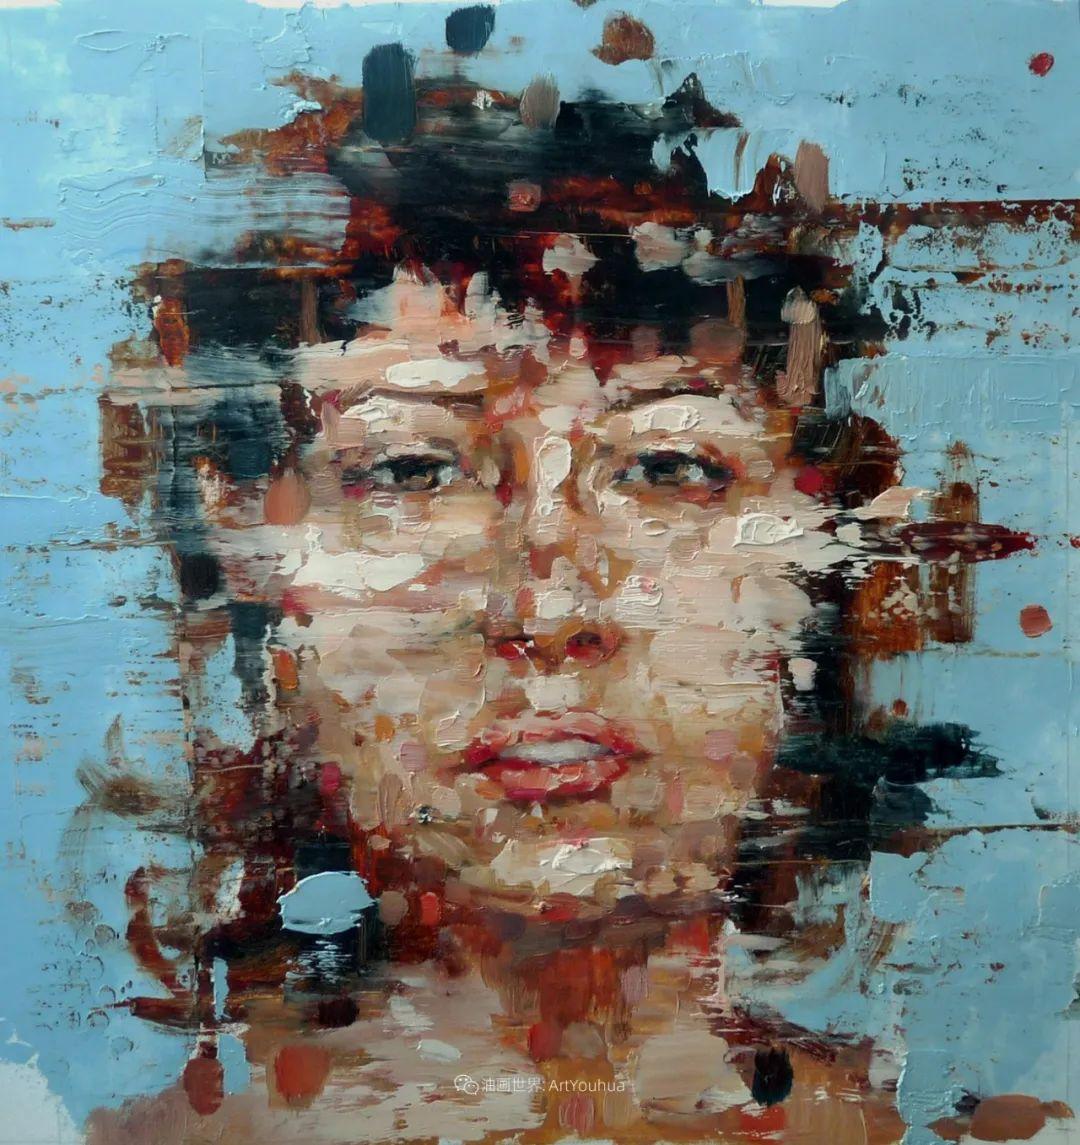 完美的缺陷,哥伦比亚艺术家塞萨尔·比奥乔画选插图1